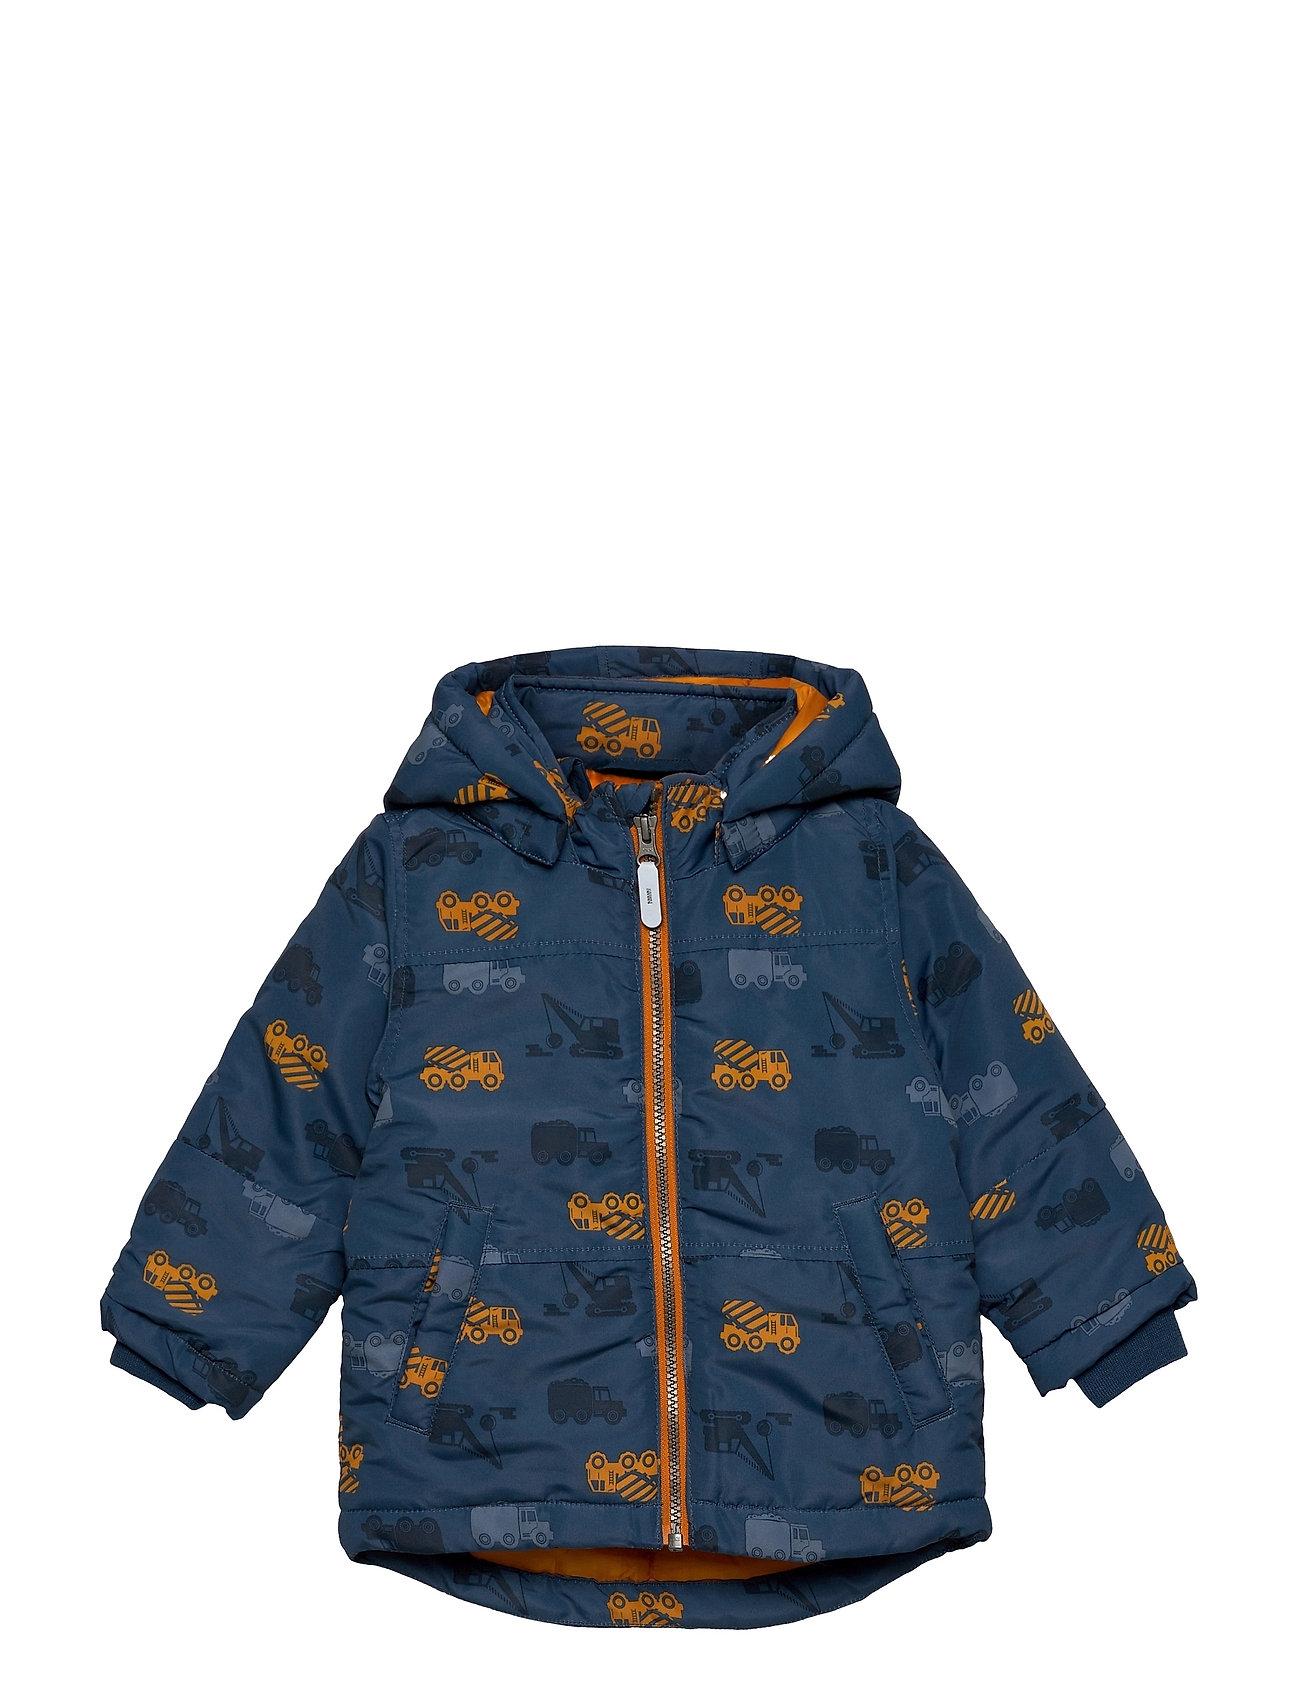 Nmmmax Jacket Trucks Outerwear Jackets & Coats Windbreaker Blå Name It